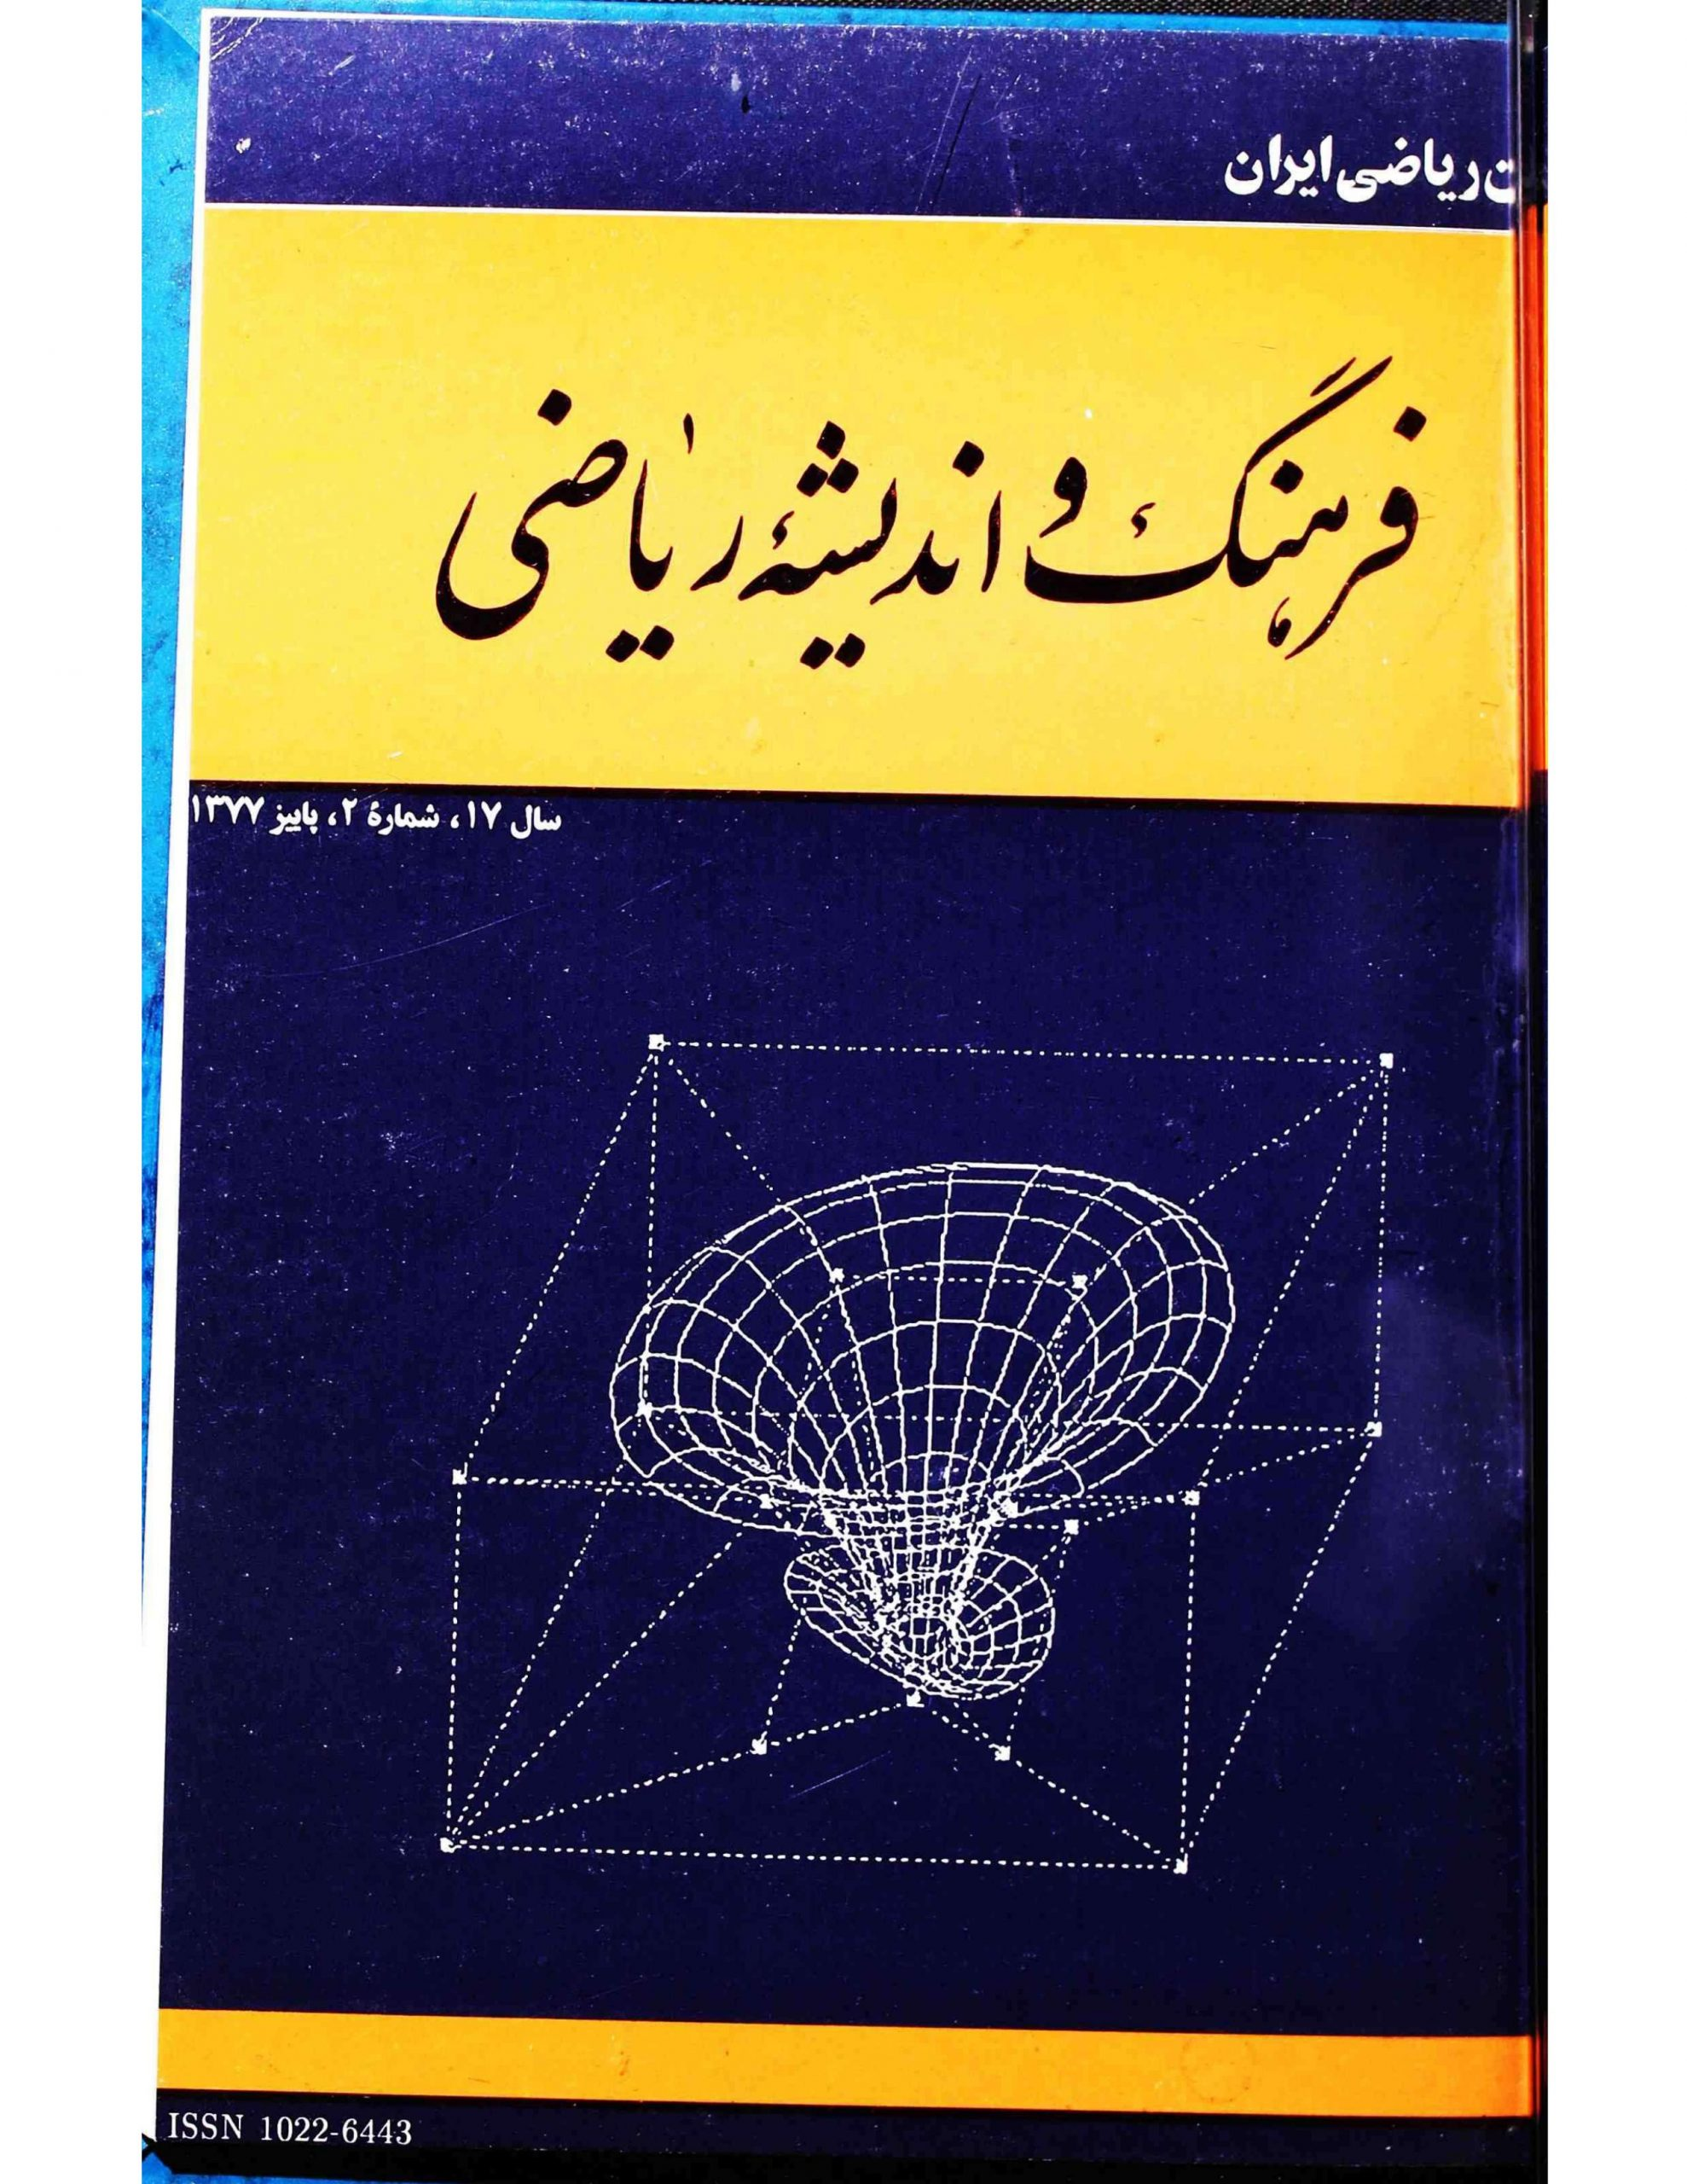 فرهنگ و اندیشه ریاضی